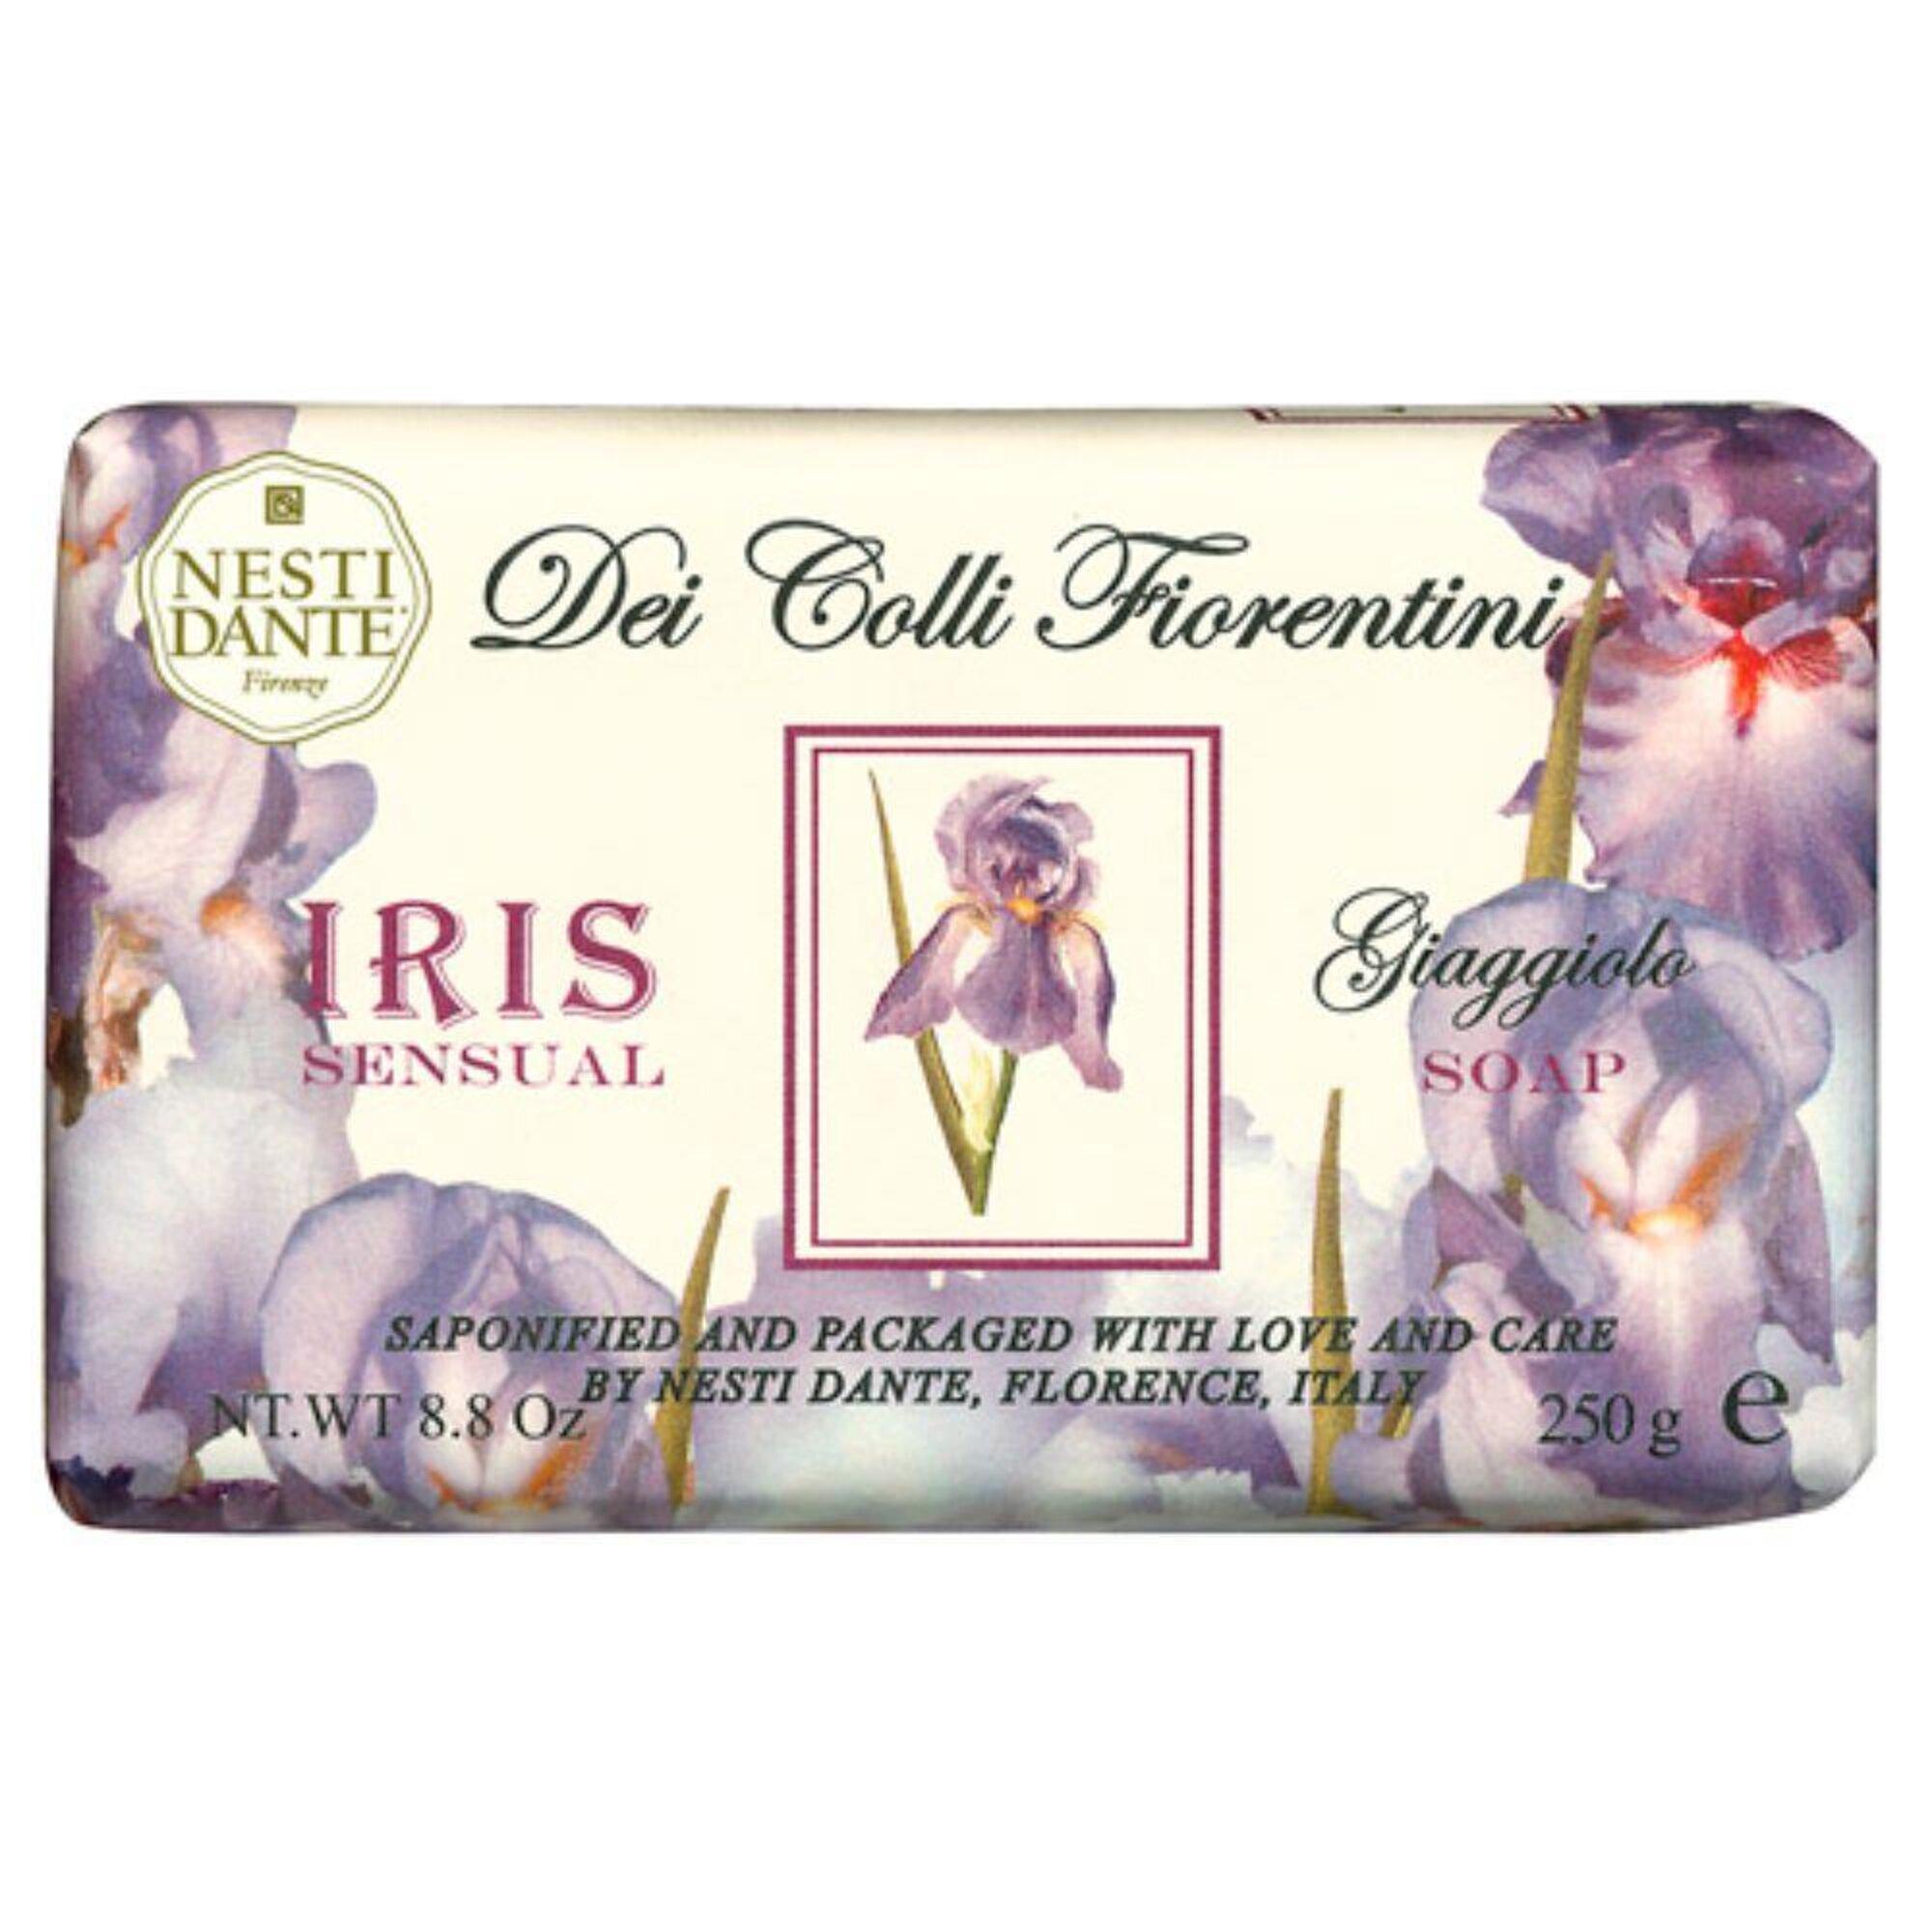 Sabonete Dei Colli Iris 250g Nesti Dante